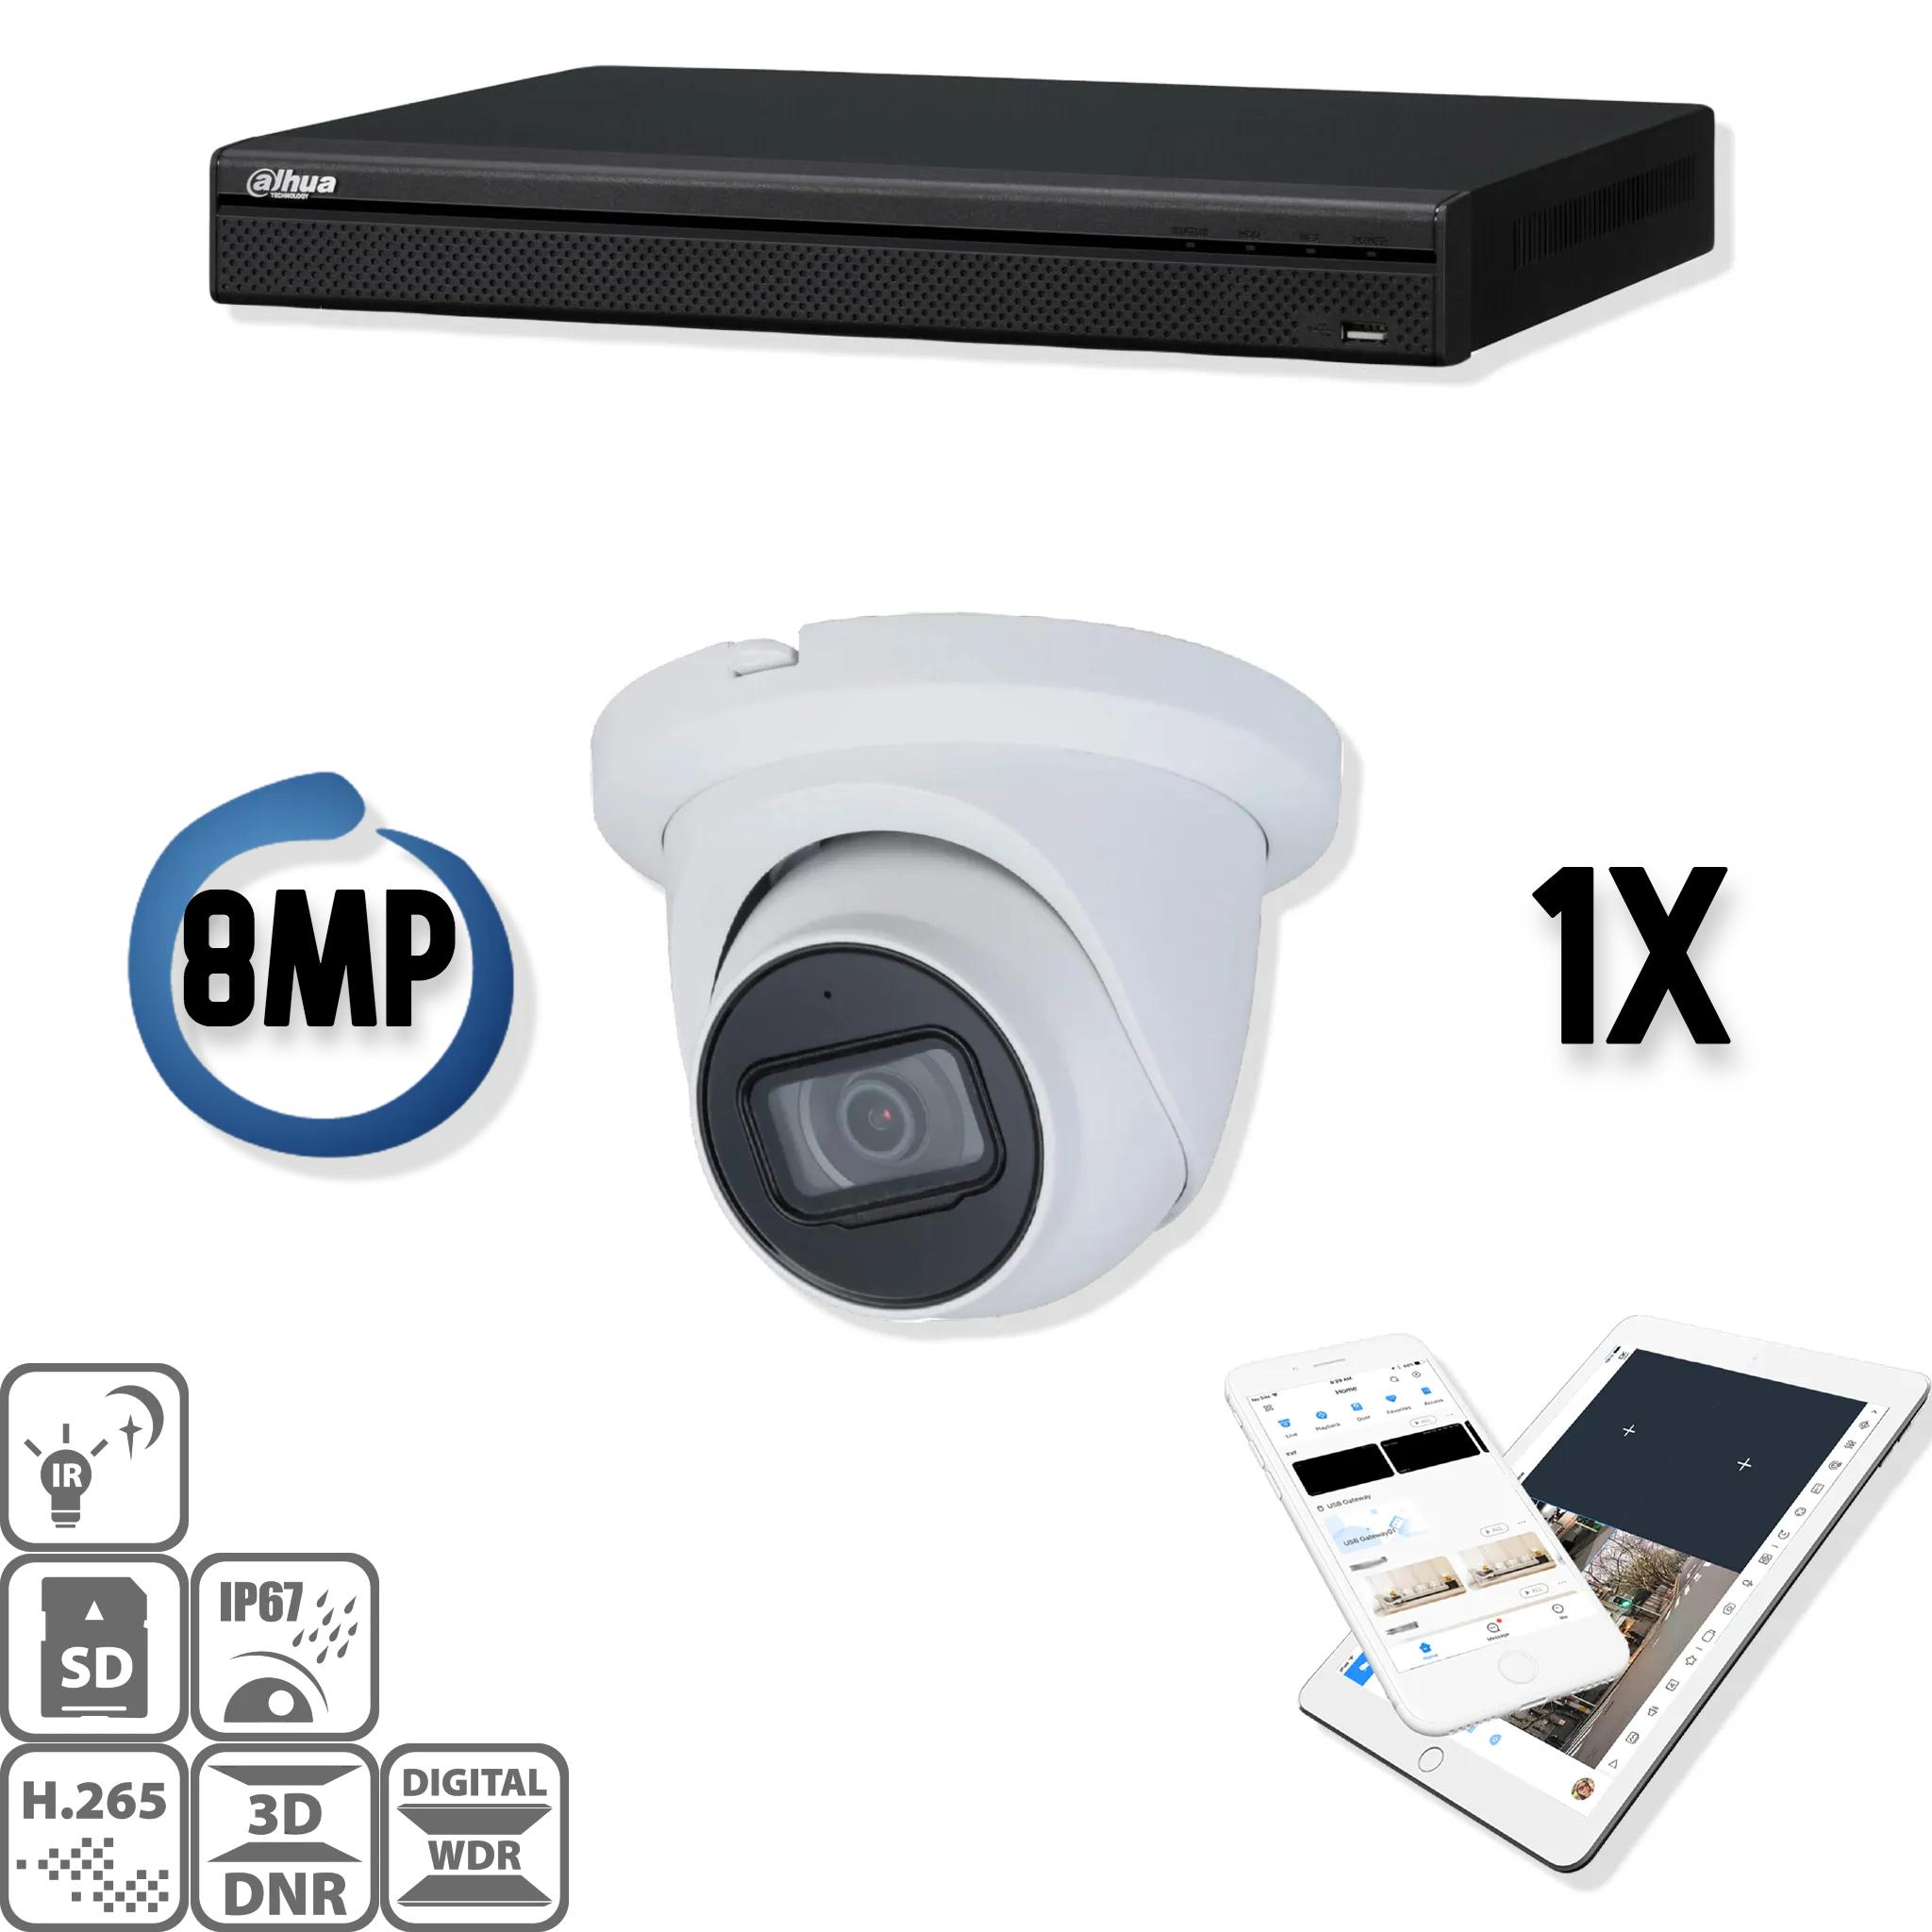 Un set con una fotocamera speciale con un'ottima visione notturna! Infrarosso separato, quindi non più problemi di riflessione all'infrarosso a causa del vetro contaminato! Il kit di sicurezza Dahua IP 1x Eyball 8MP Full HD contiene 1 telecamera IP Eyebal